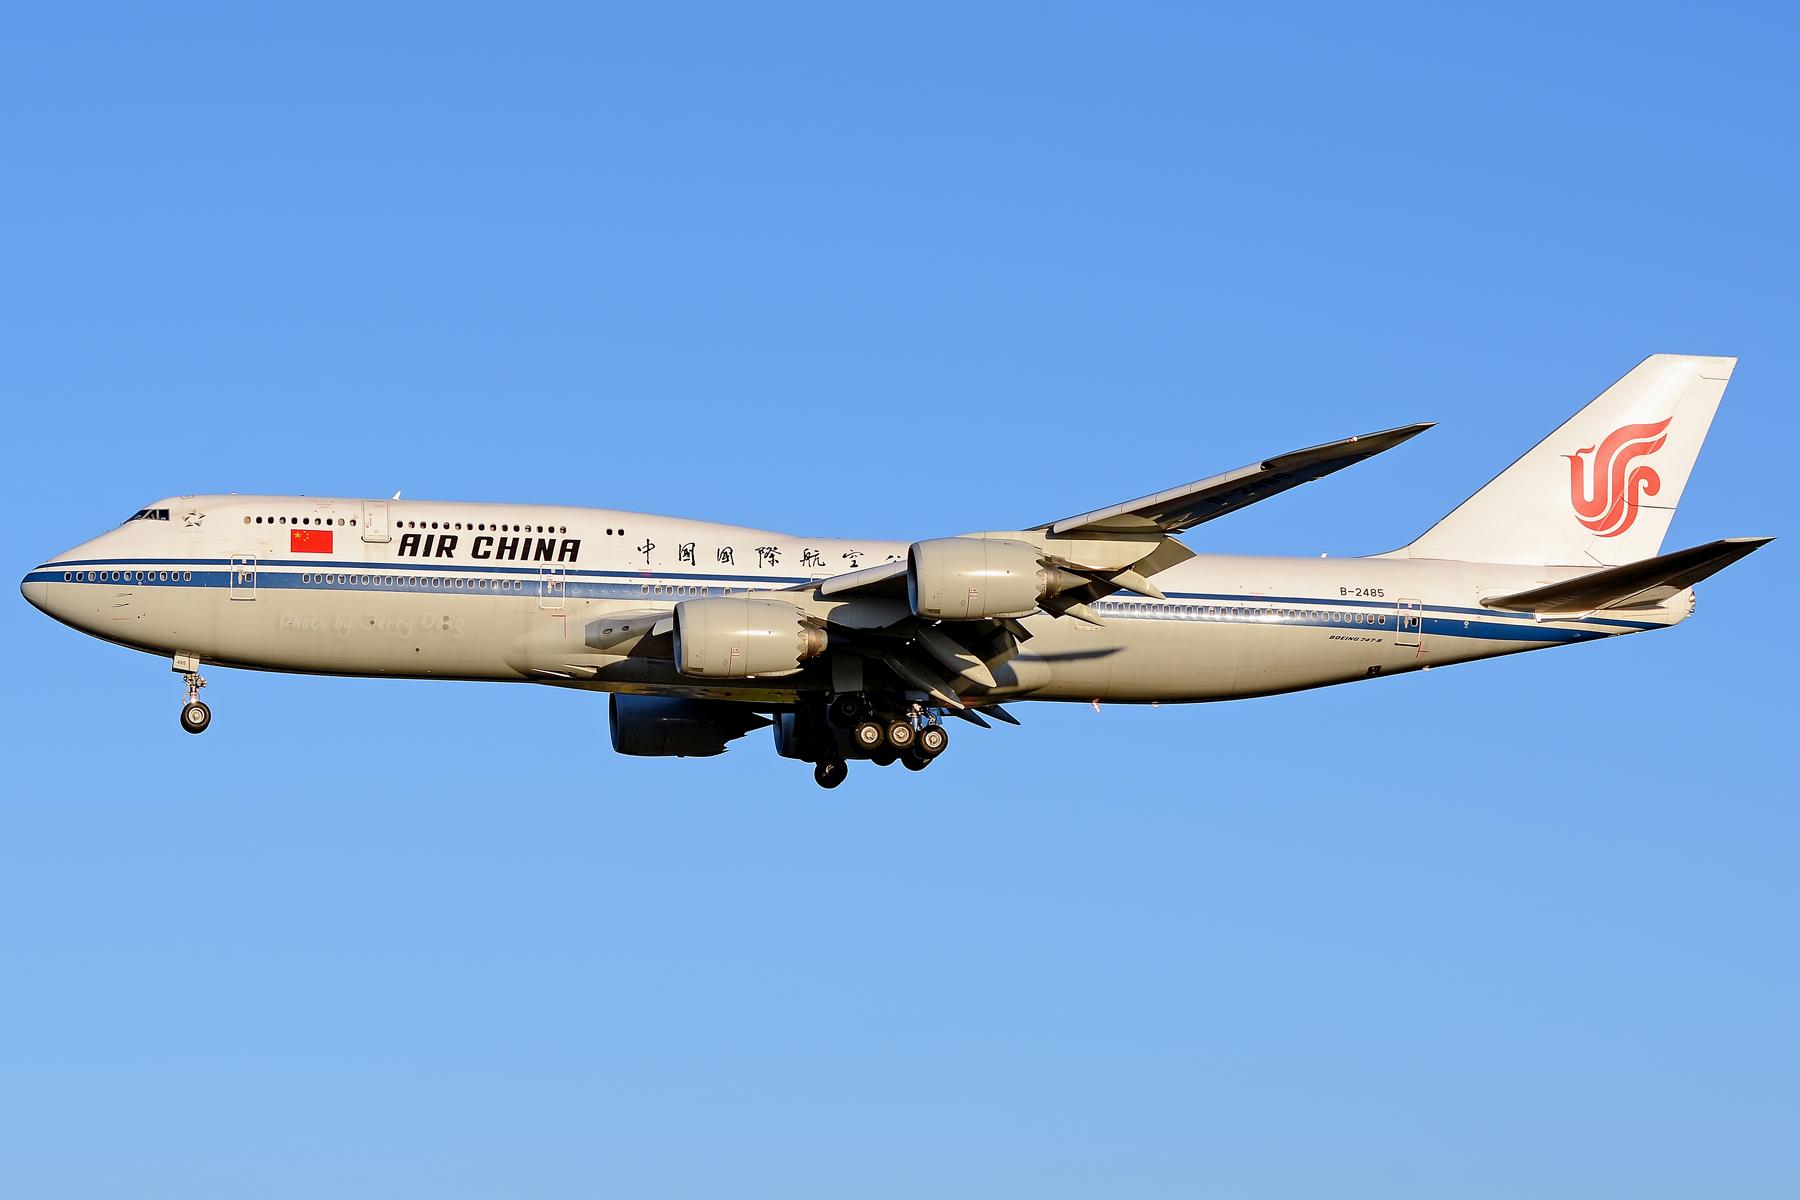 [原创]【多图党】PEK落地一组国航系【2】 BOEING 747-8I B-2485 中国北京首都国际机场